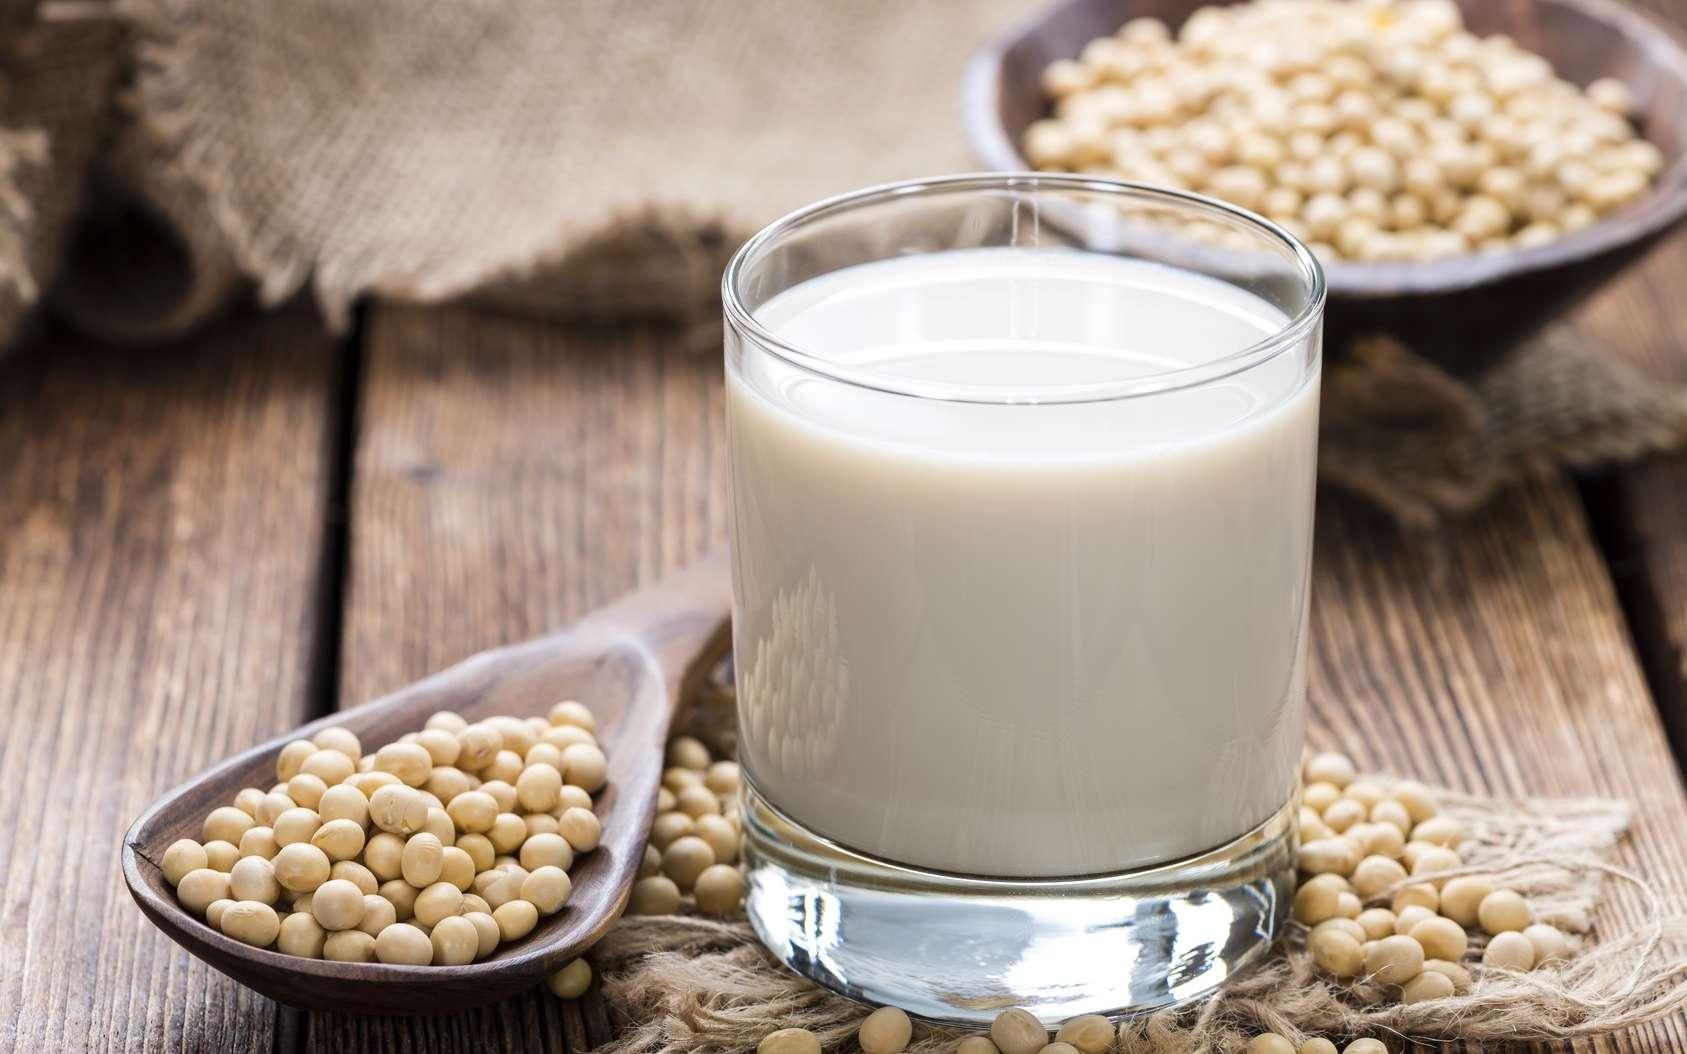 Le lait de soja est un lait végétal. Il peut se substituer au lait de vache dans les crêpes, gâteaux, ou servir à accompagner un bol de céréales. © HandmadePictures, Fotolia